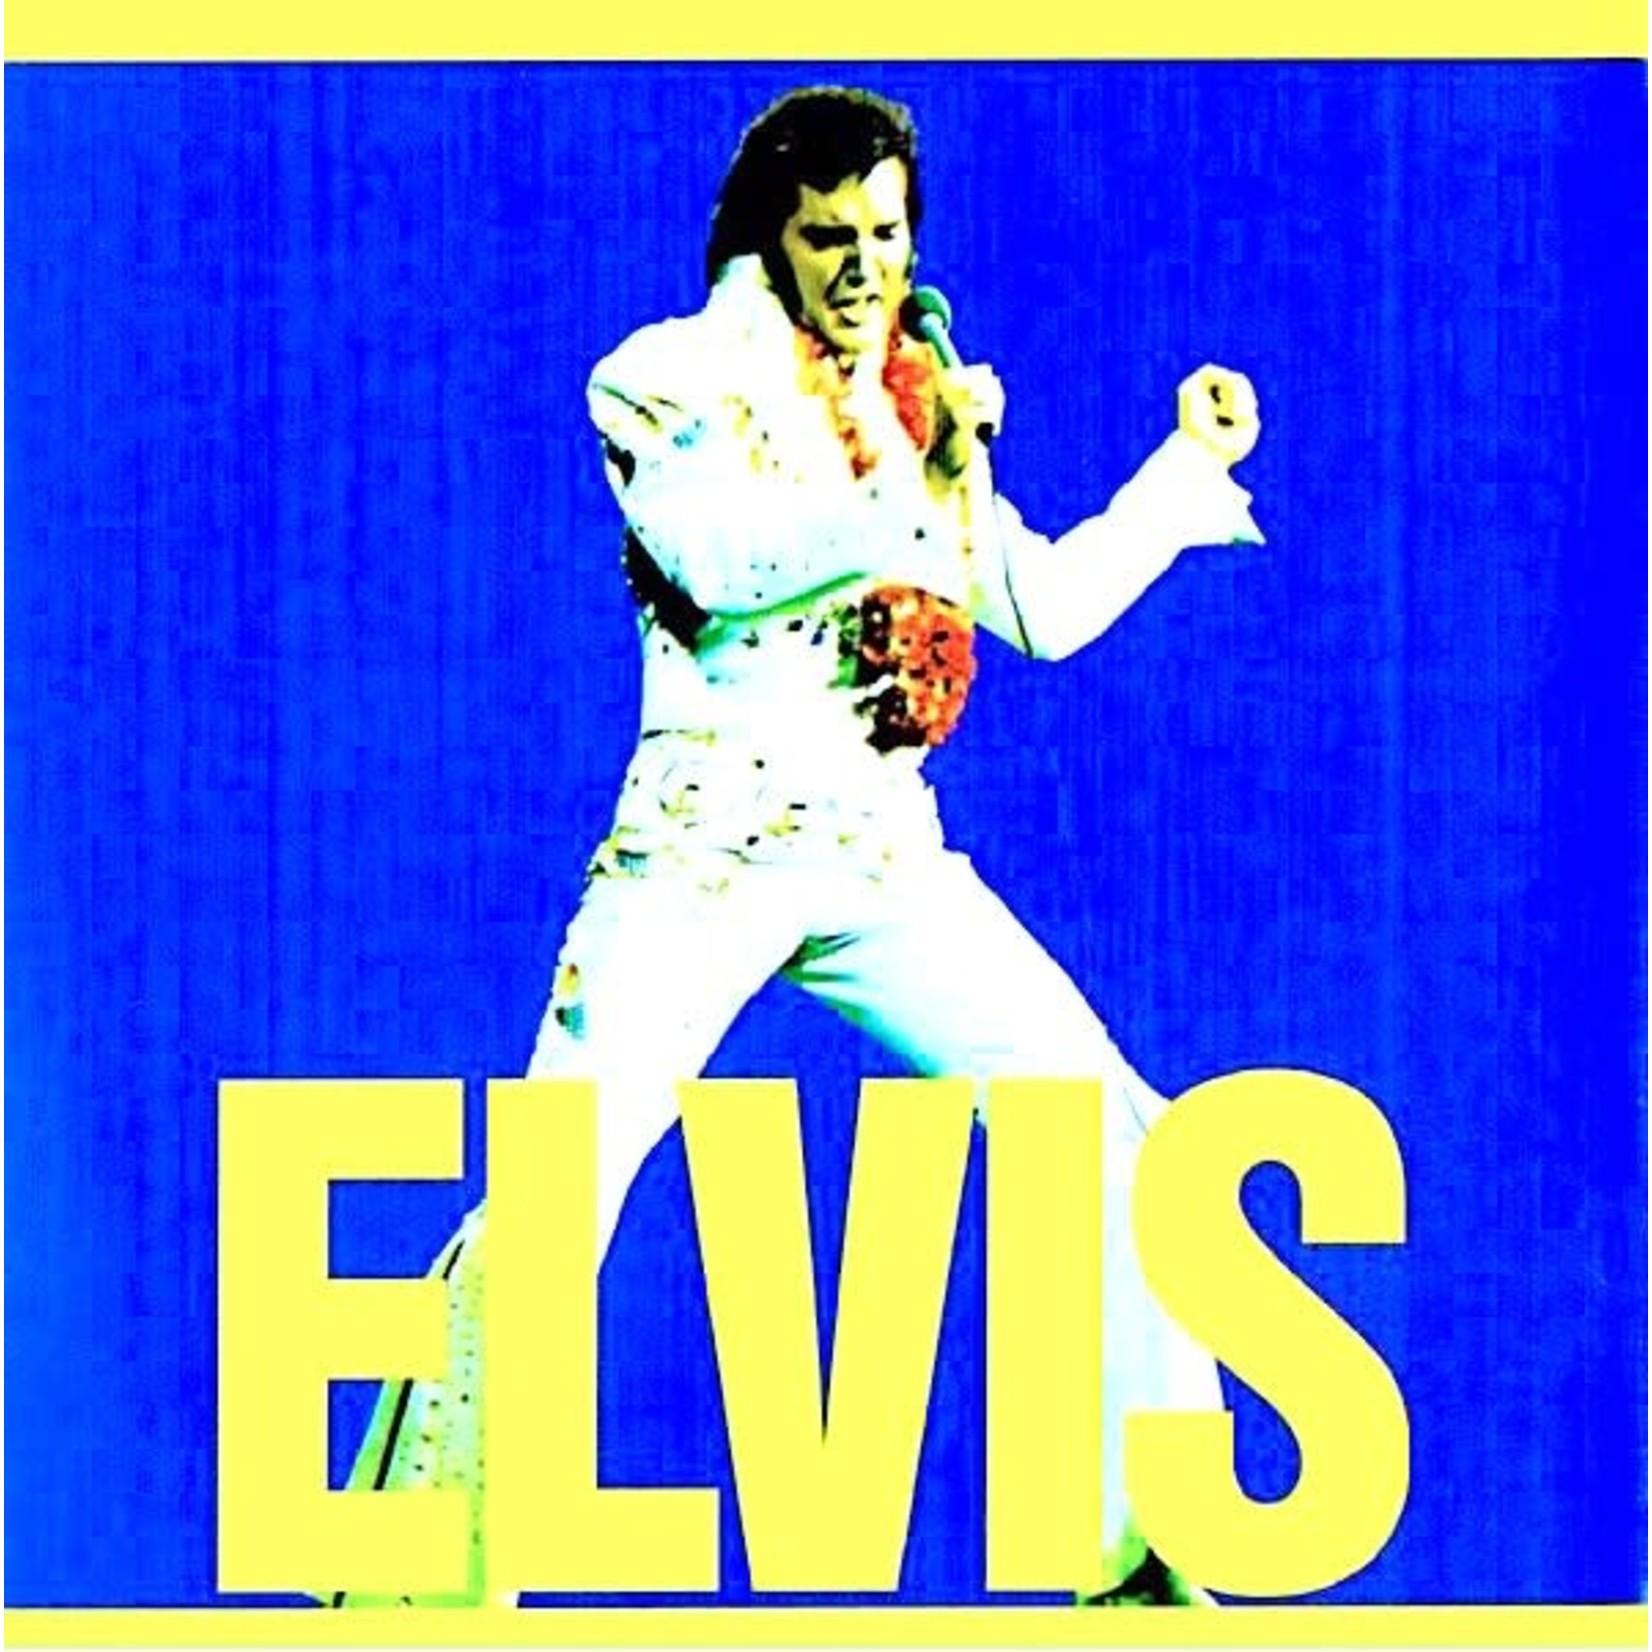 [Vintage] Presley, Elvis: Elvis (RCA 2 Big LPs, 5.98) (2LP)